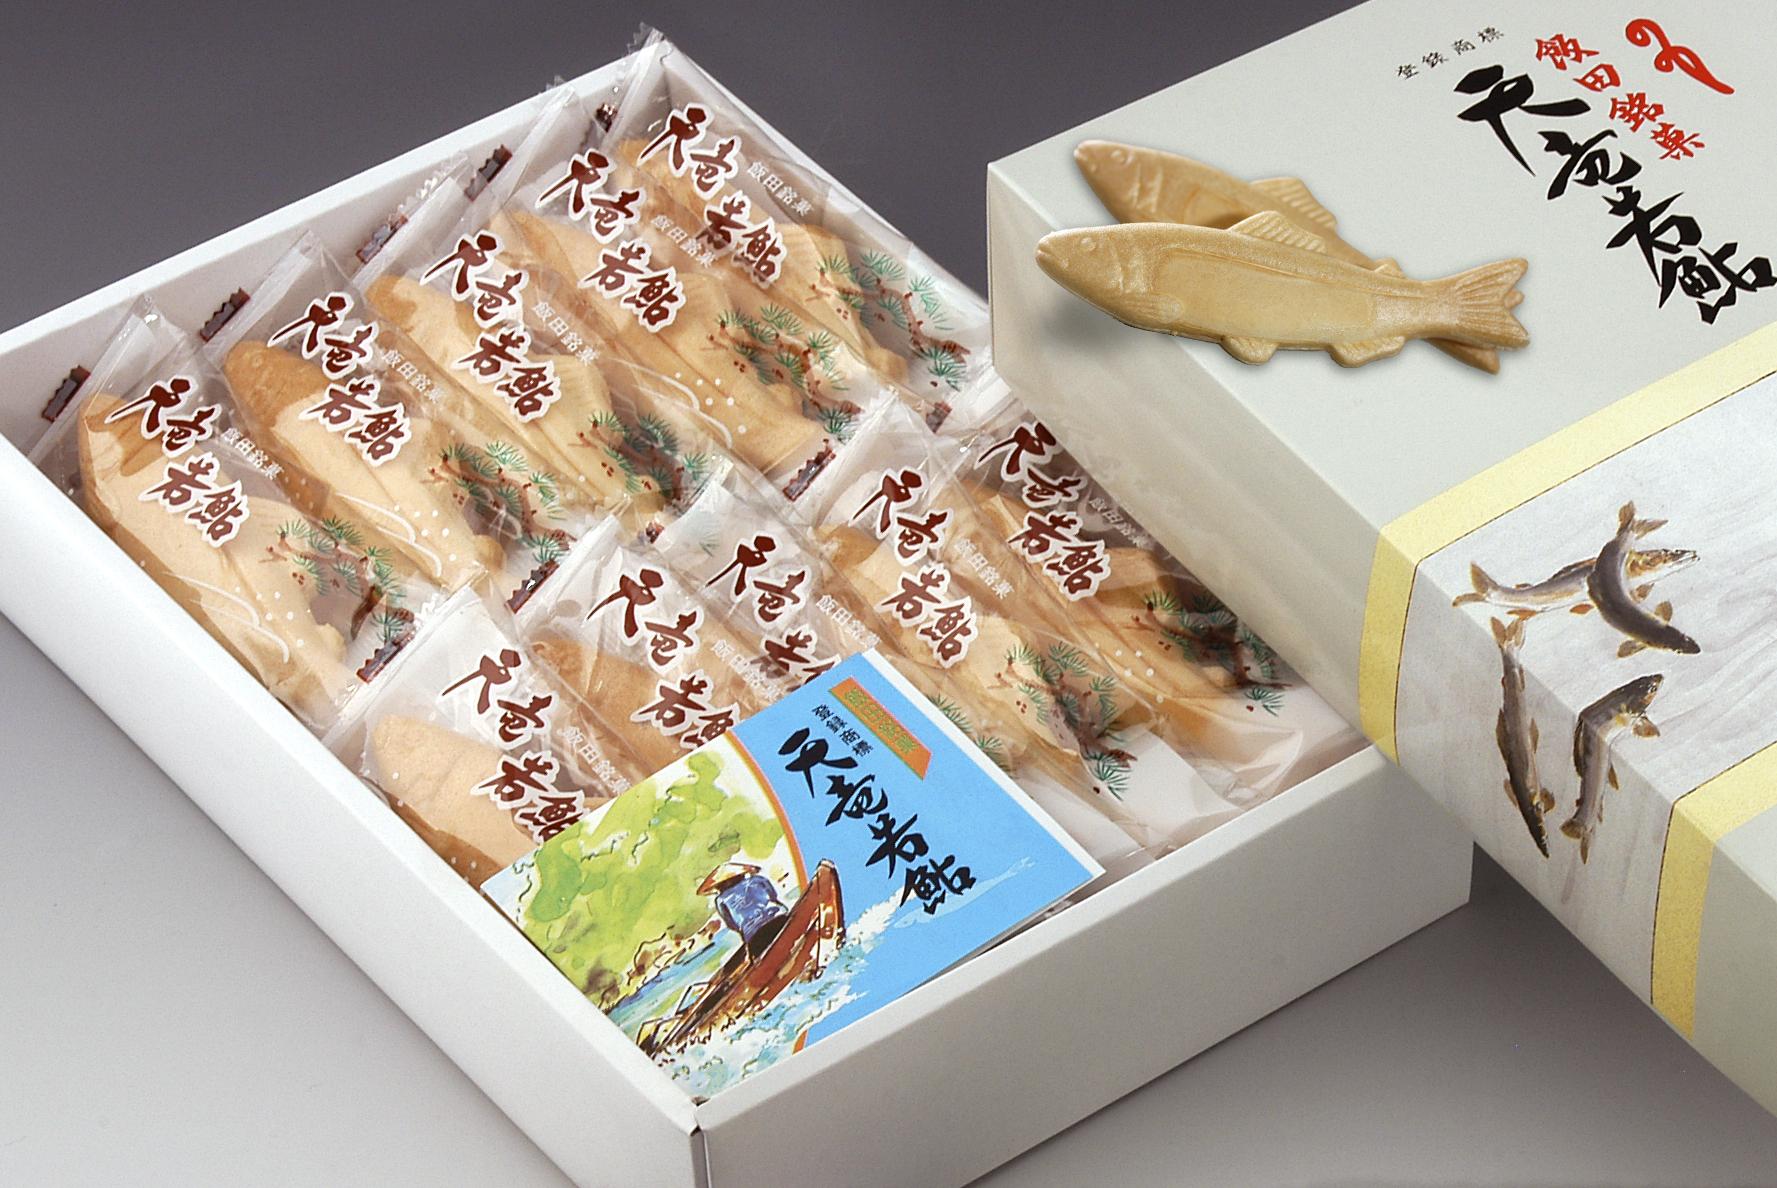 参考写真です 商品とは箱サイズ・入り数が異なります<br /><br />商品番号 15S11-15